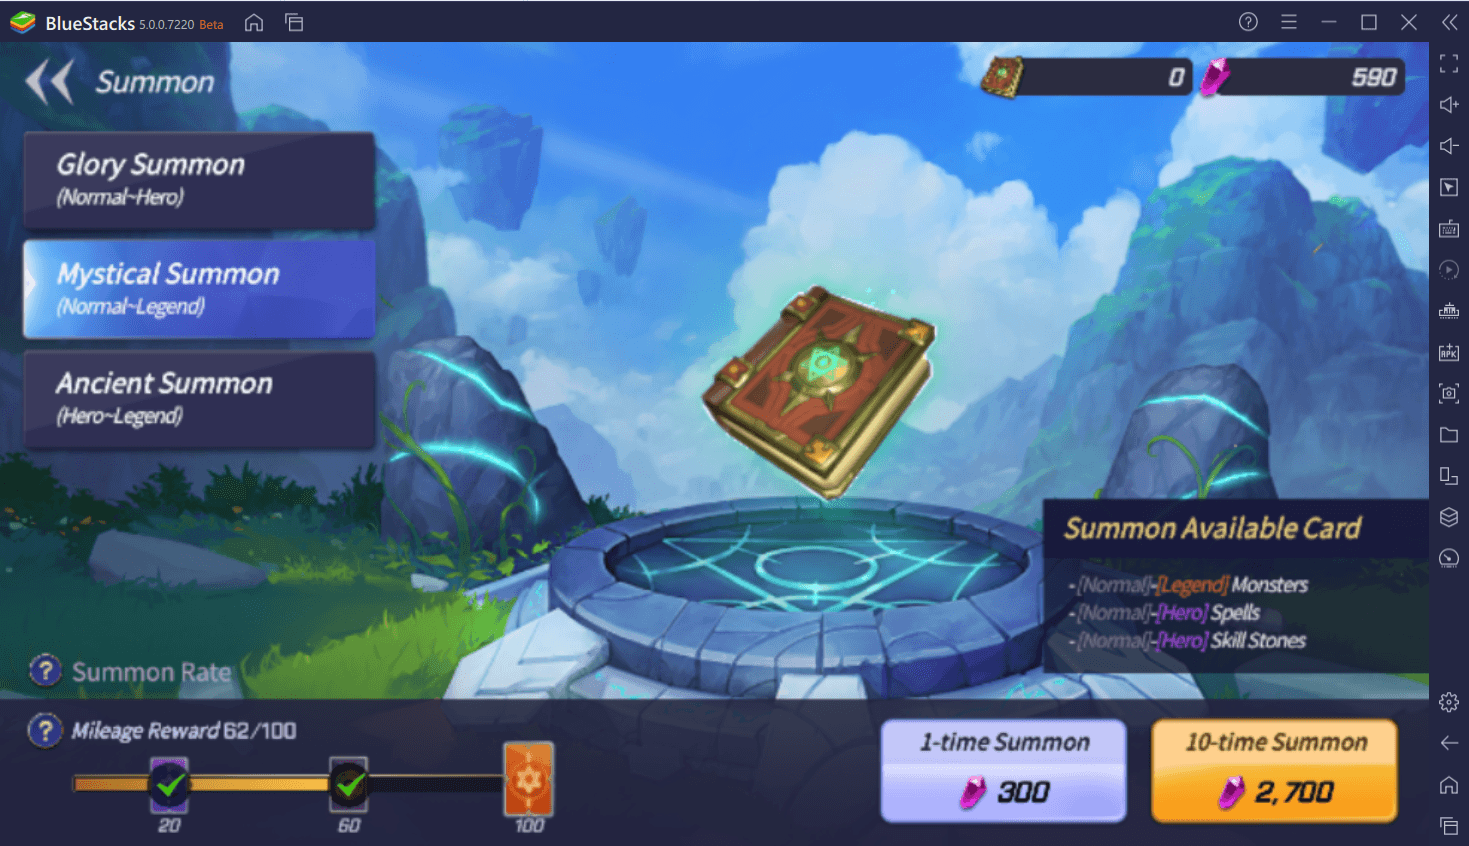 Cẩm nang chơi Summoners War: Lost Centuria trên BlueStacks dành cho người mới